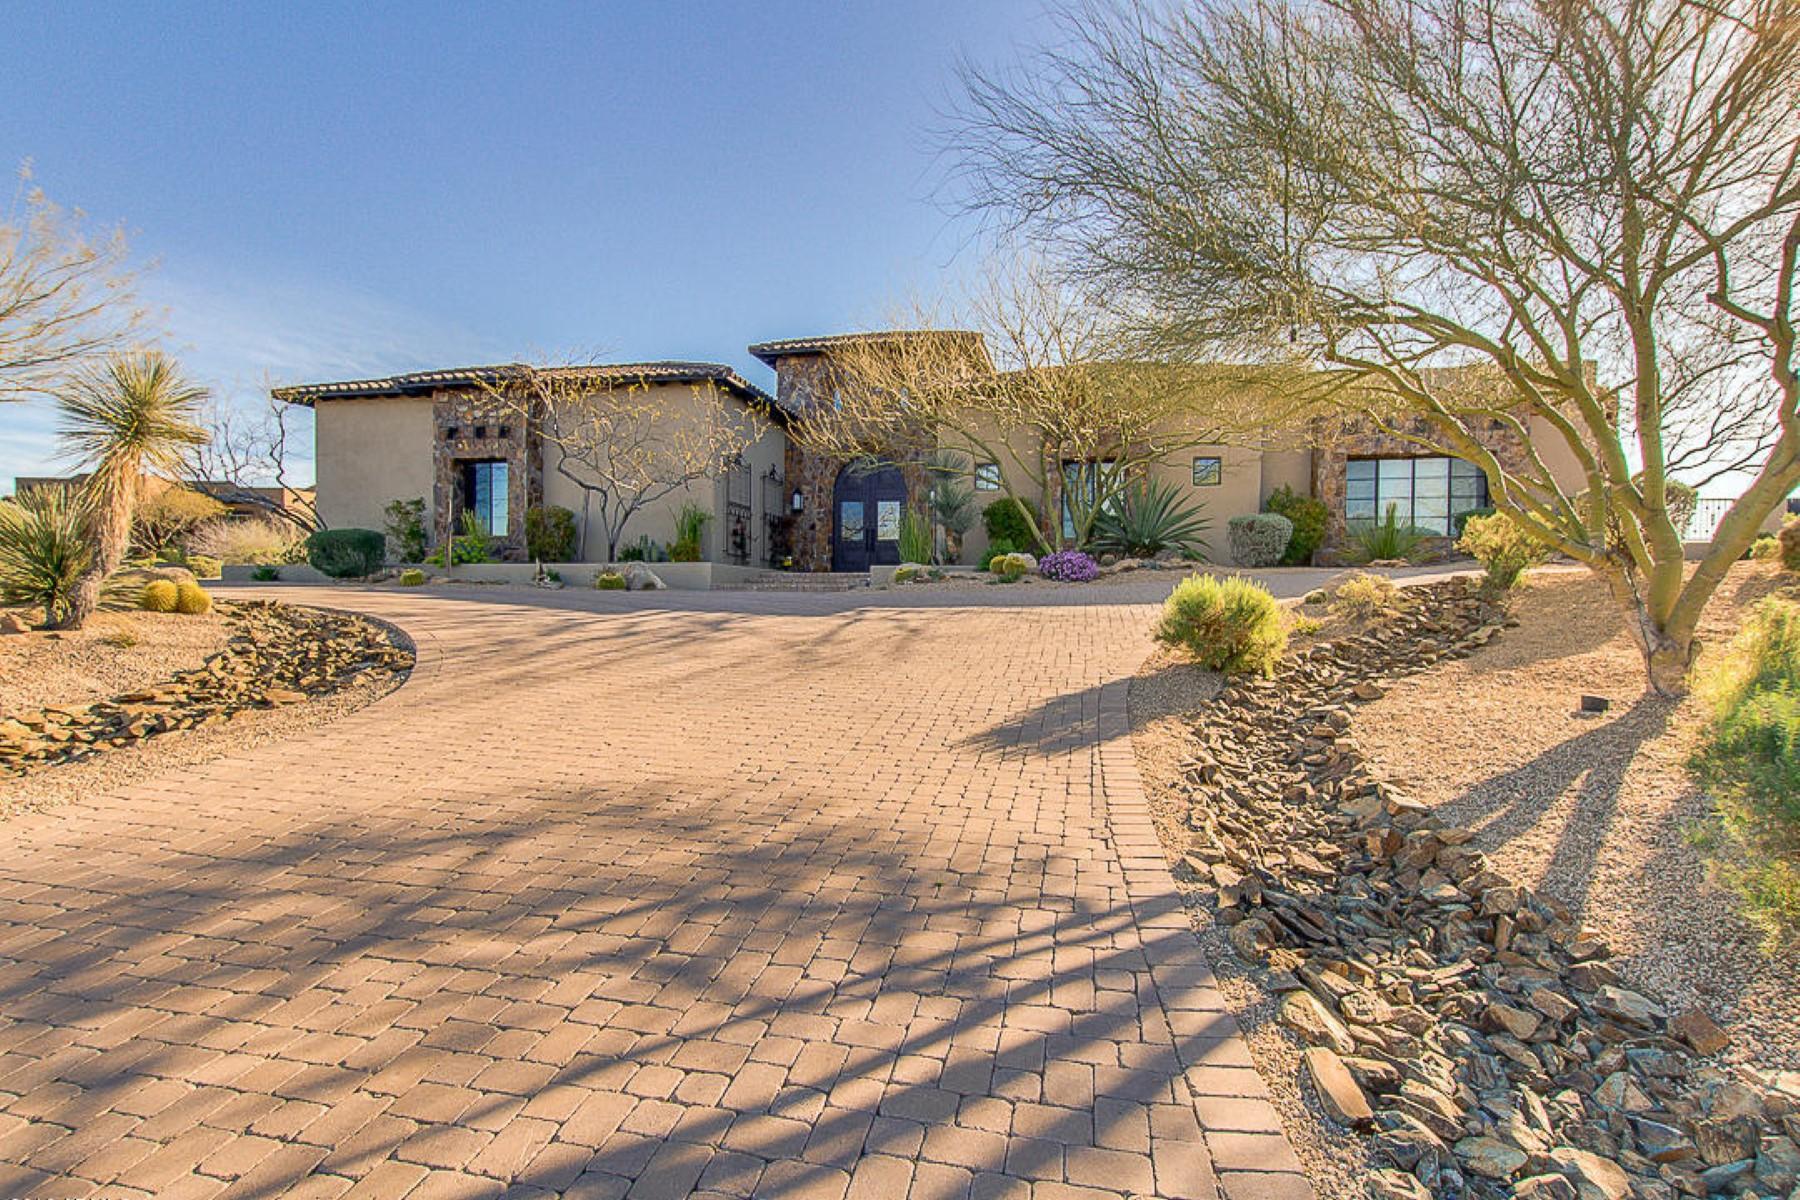 一戸建て のために 売買 アット Exclusive Vista Valle subdivision 37911 N Boulder View Dr Scottsdale, アリゾナ, 85262 アメリカ合衆国